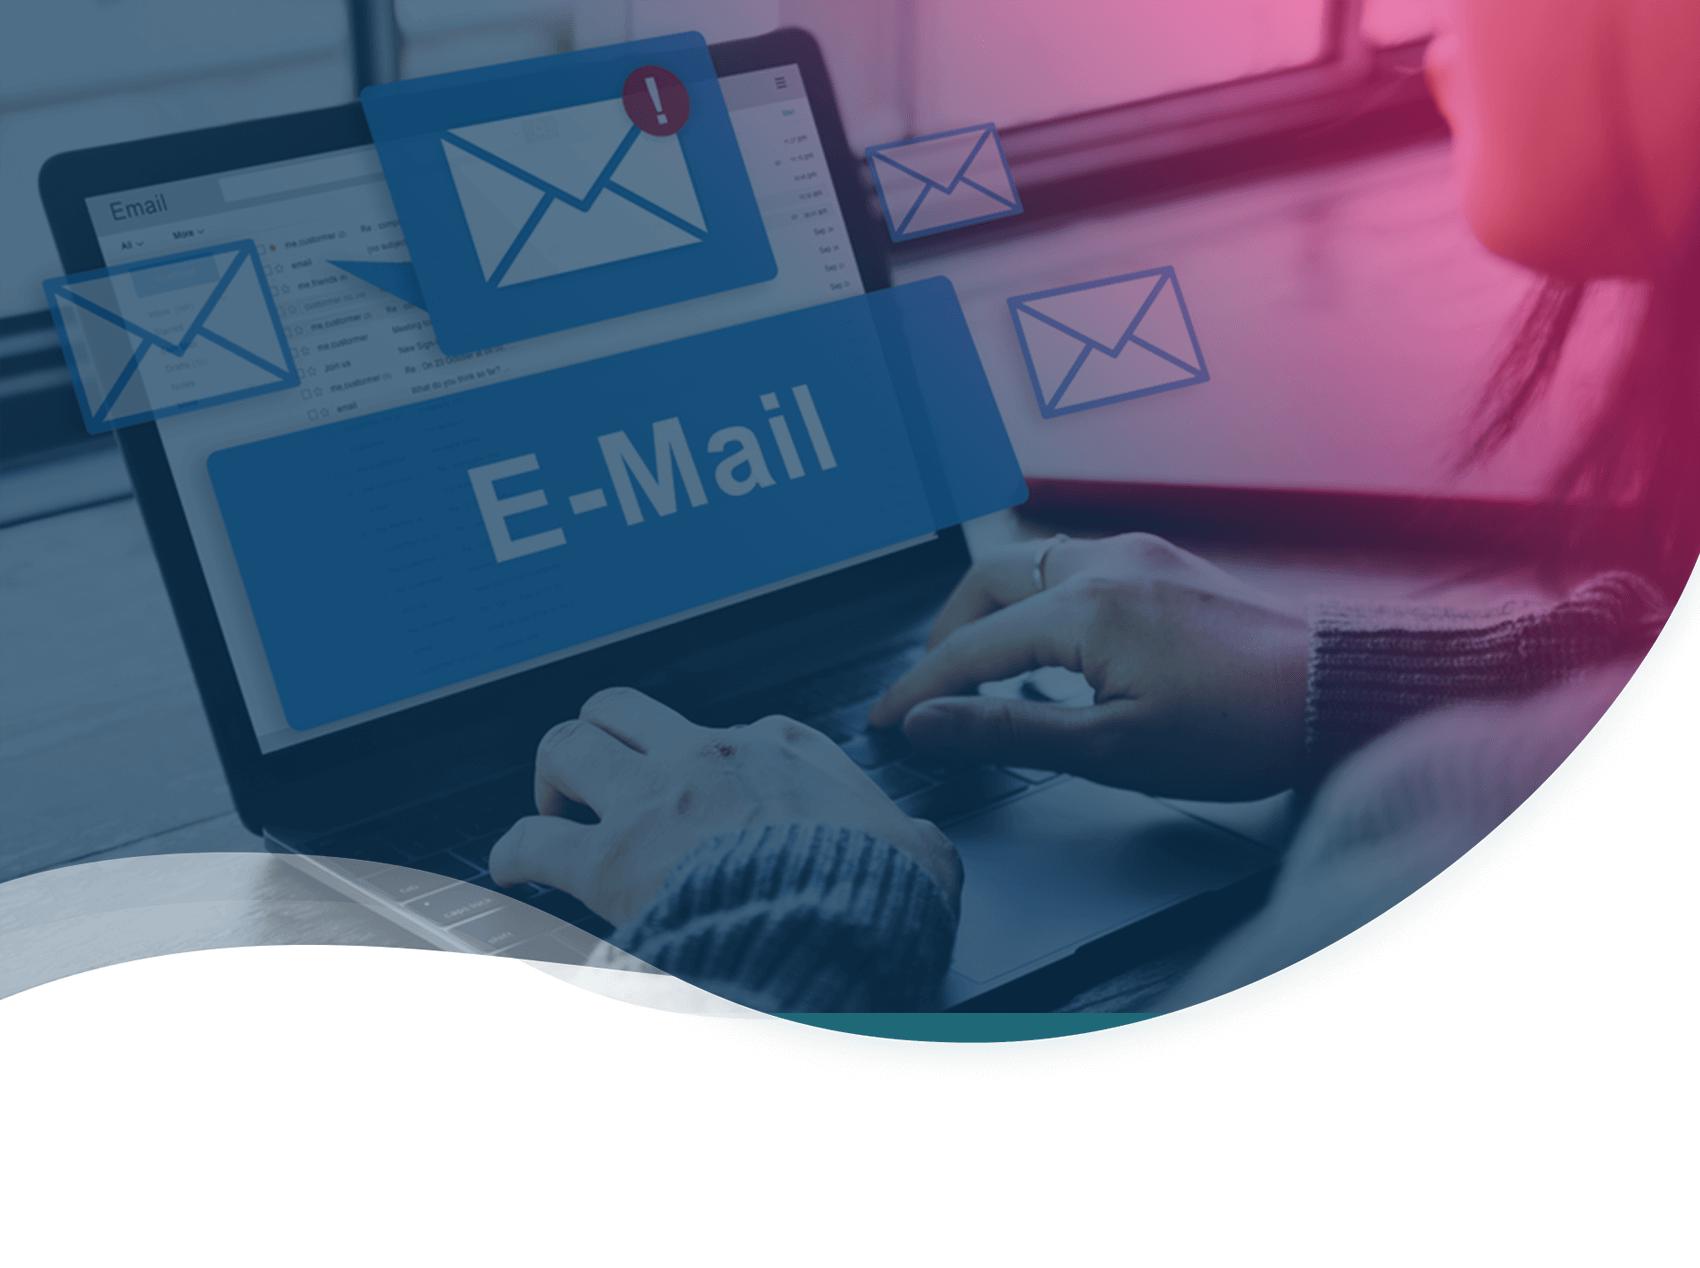 Taux d'ouverture emailing: définition, statistiques et conseils